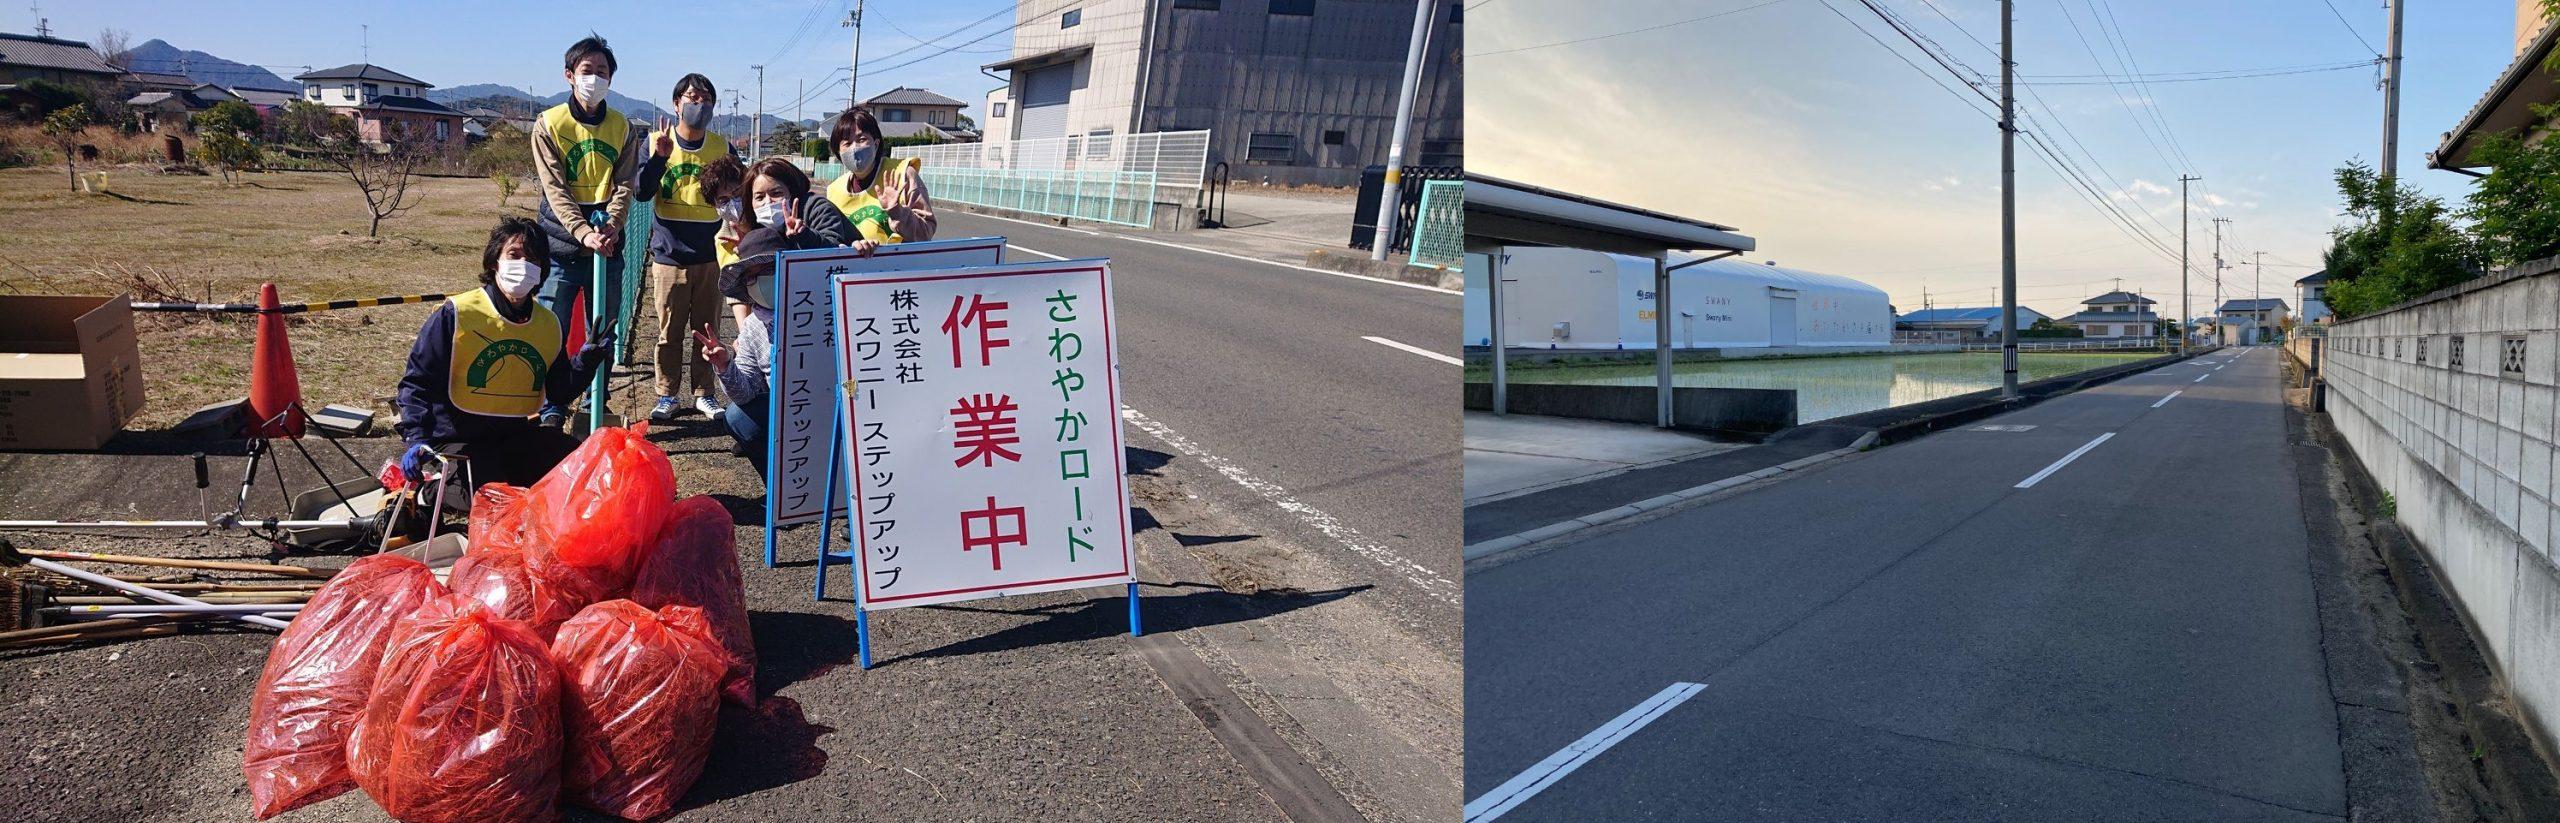 道路を美しく!ボランティア活動に参加しています。